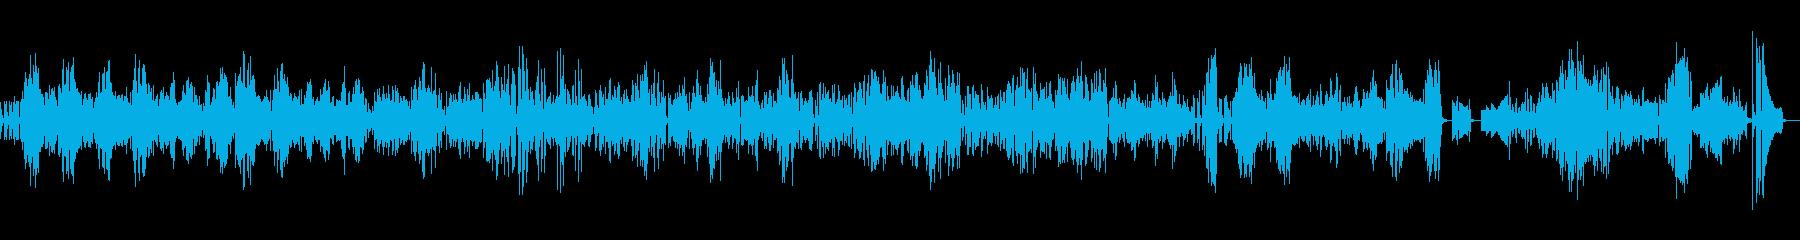 ピアノソロ「華麗なる大円舞曲」の再生済みの波形